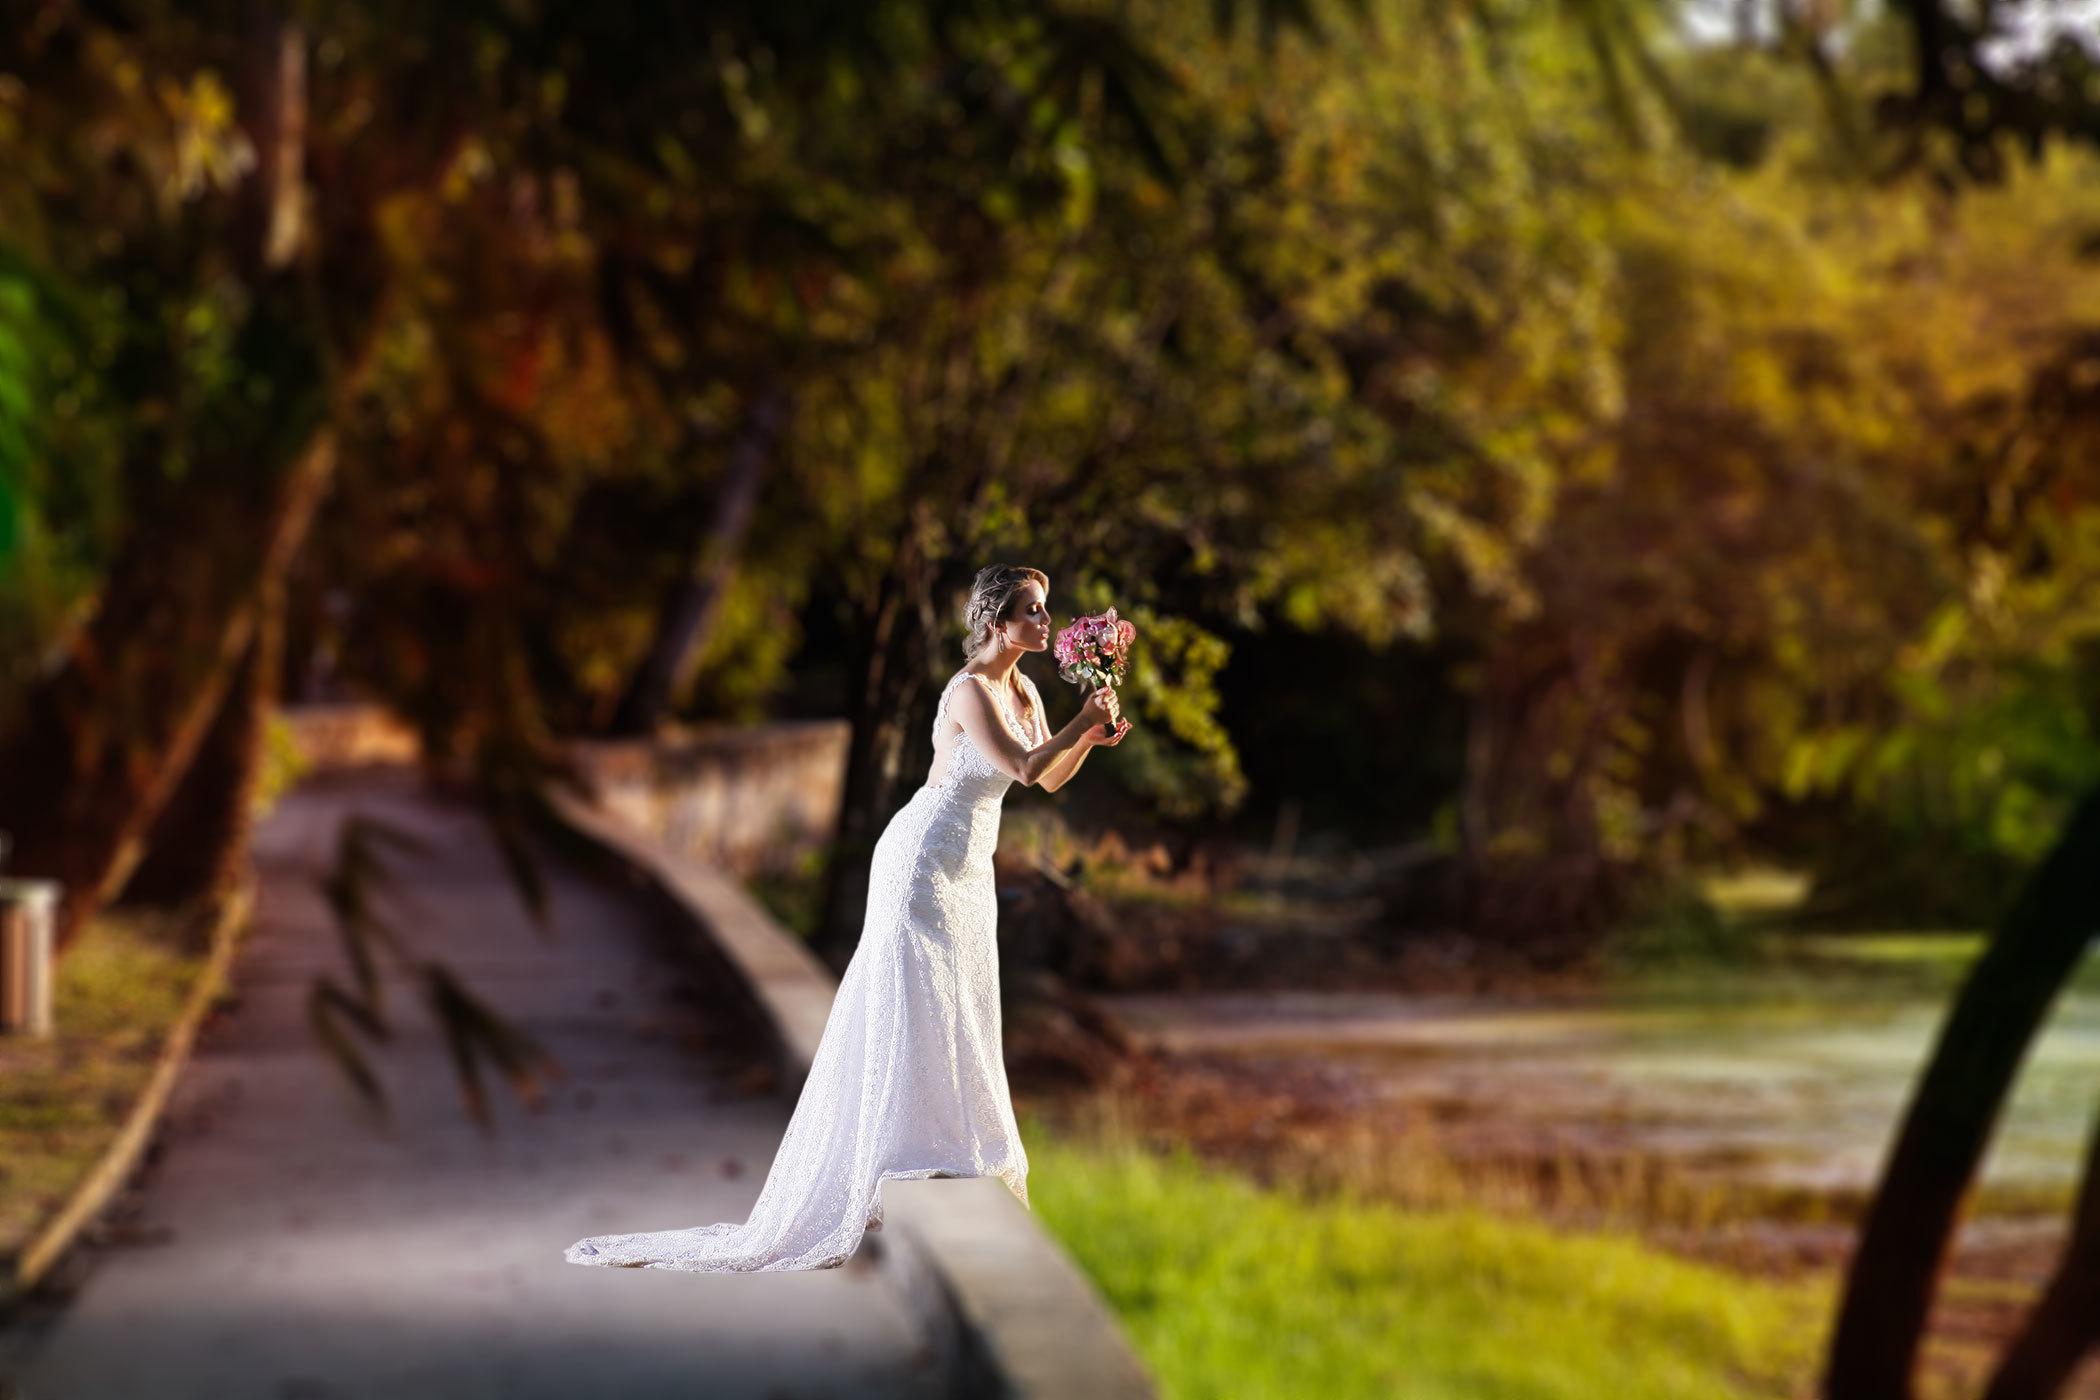 Contate Edgard Chaves - Fotógrafo de Casamentos e Gestantes em Salvador